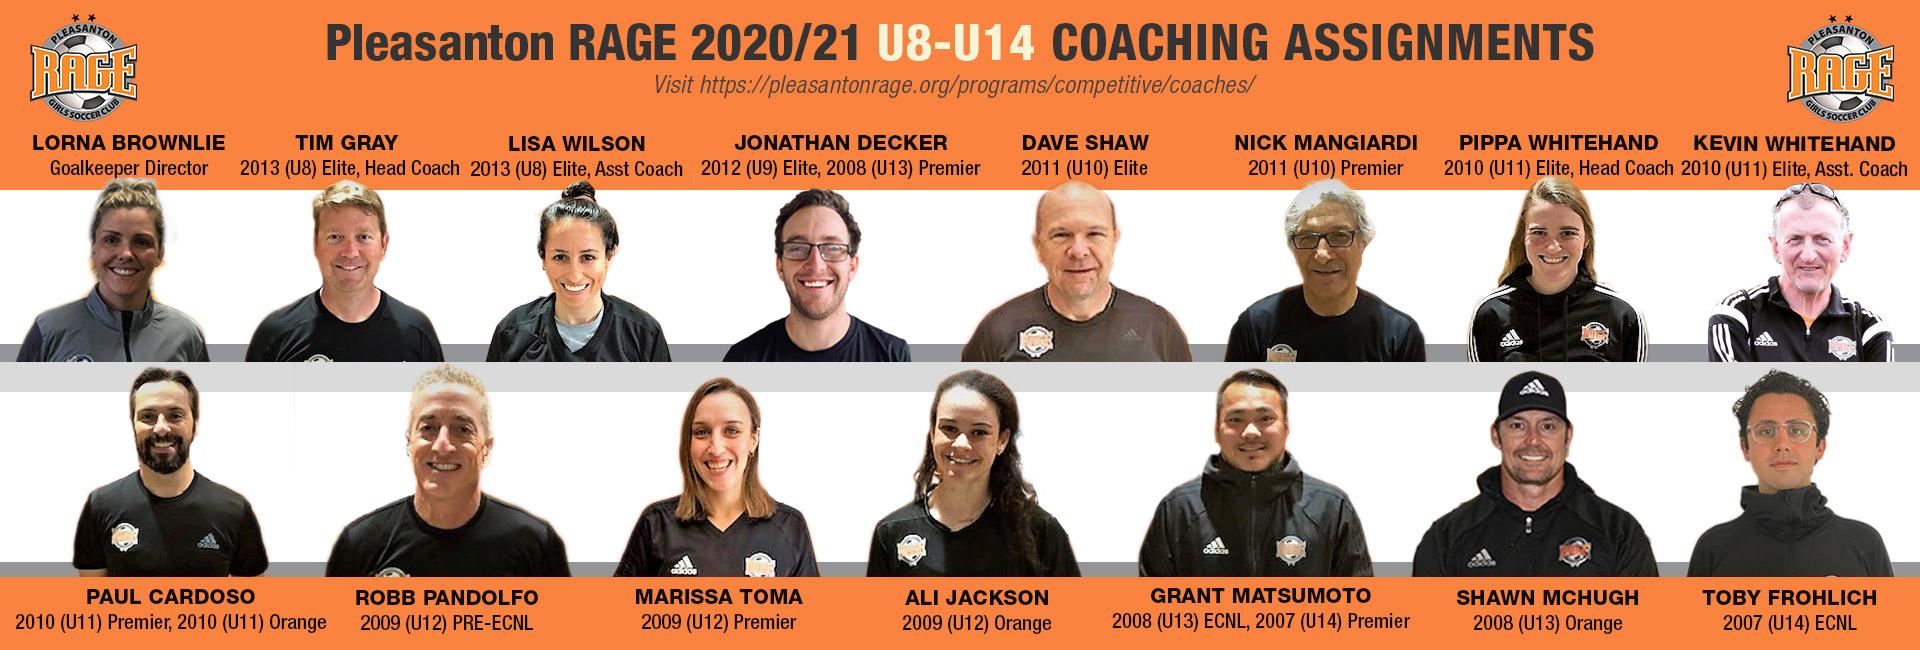 2020/21 RAGE U8-U14 Coaching Assignaments